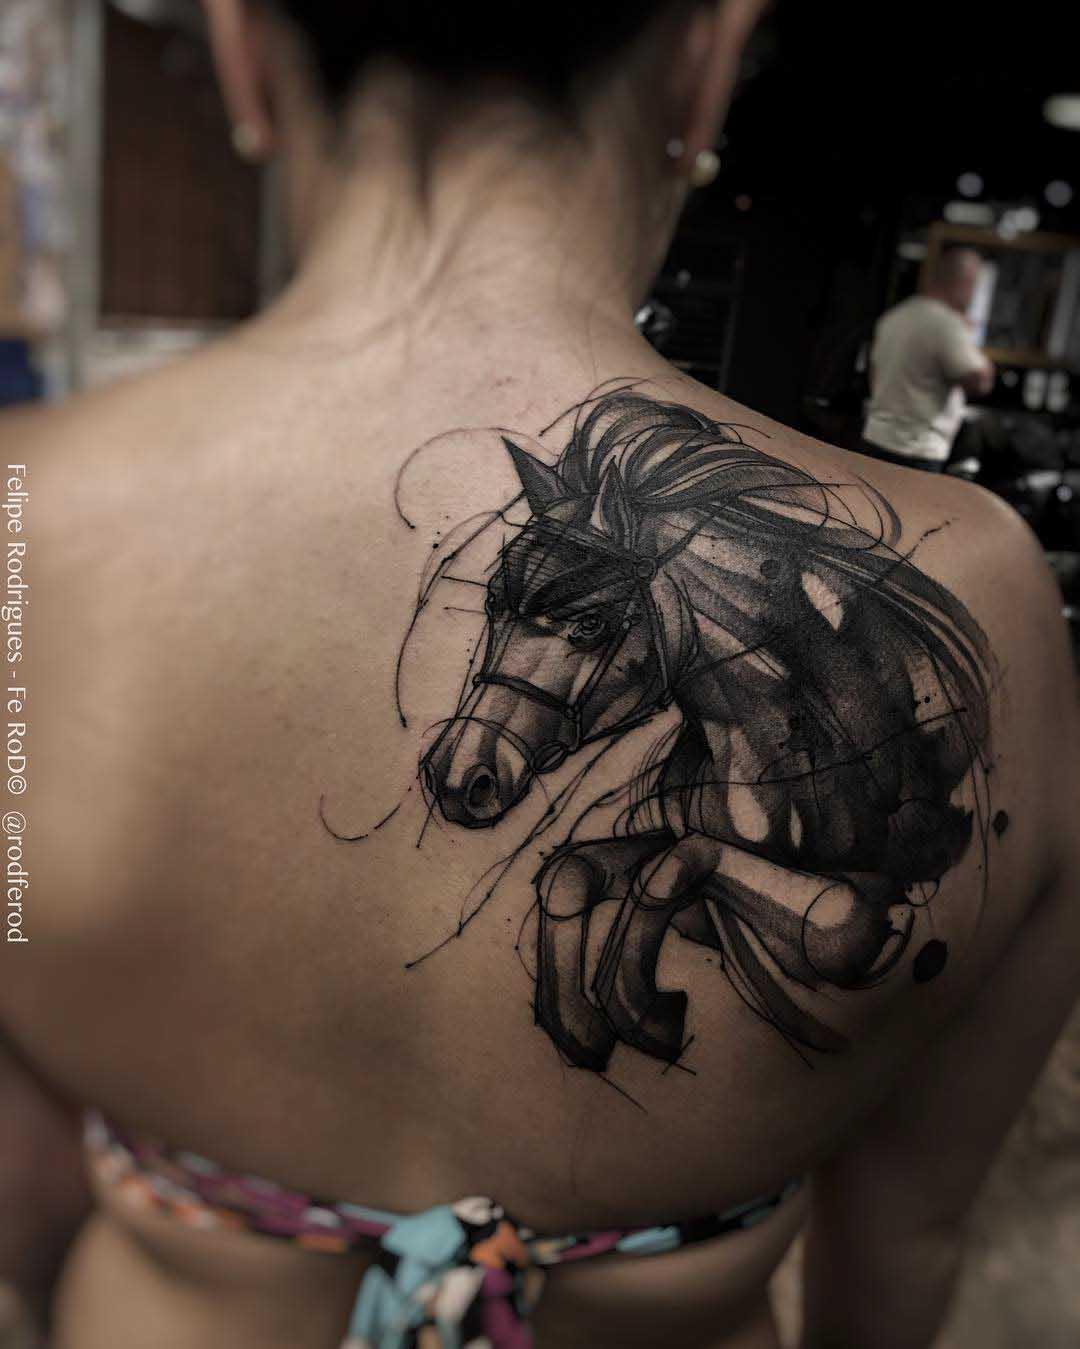 shoulder blade tattoo dark horse